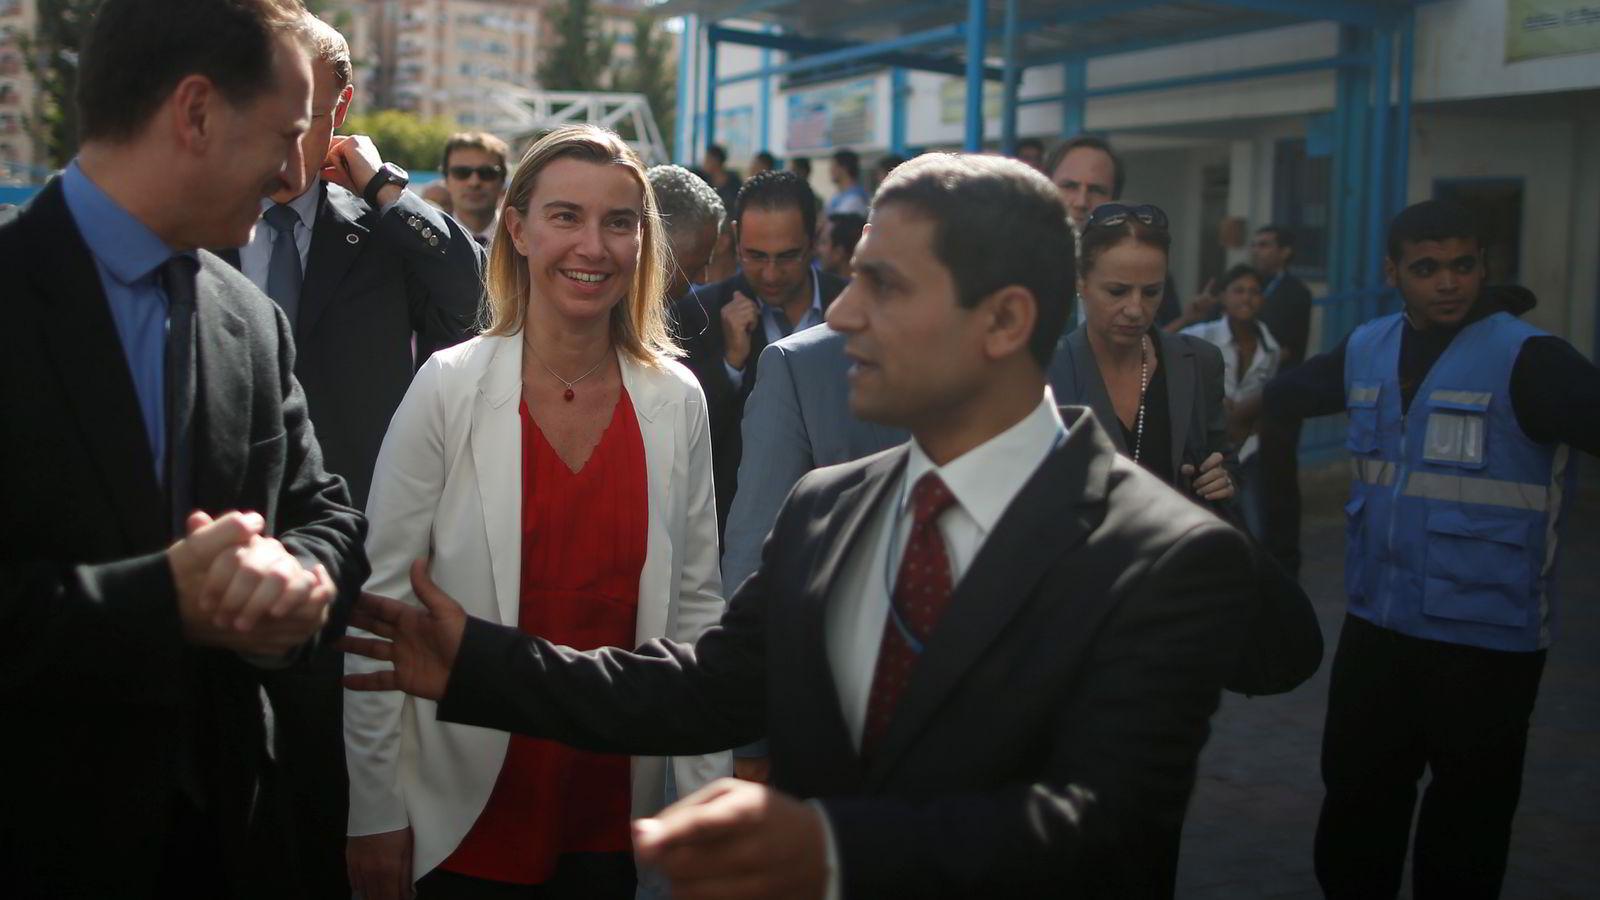 BESØK. EUs nye utenrikssjef Federica Mogherini besøkte blant annet en FN-drevet skole da hun var på Gazastripen lørdag. Foto: Reuters / NTB scanpix